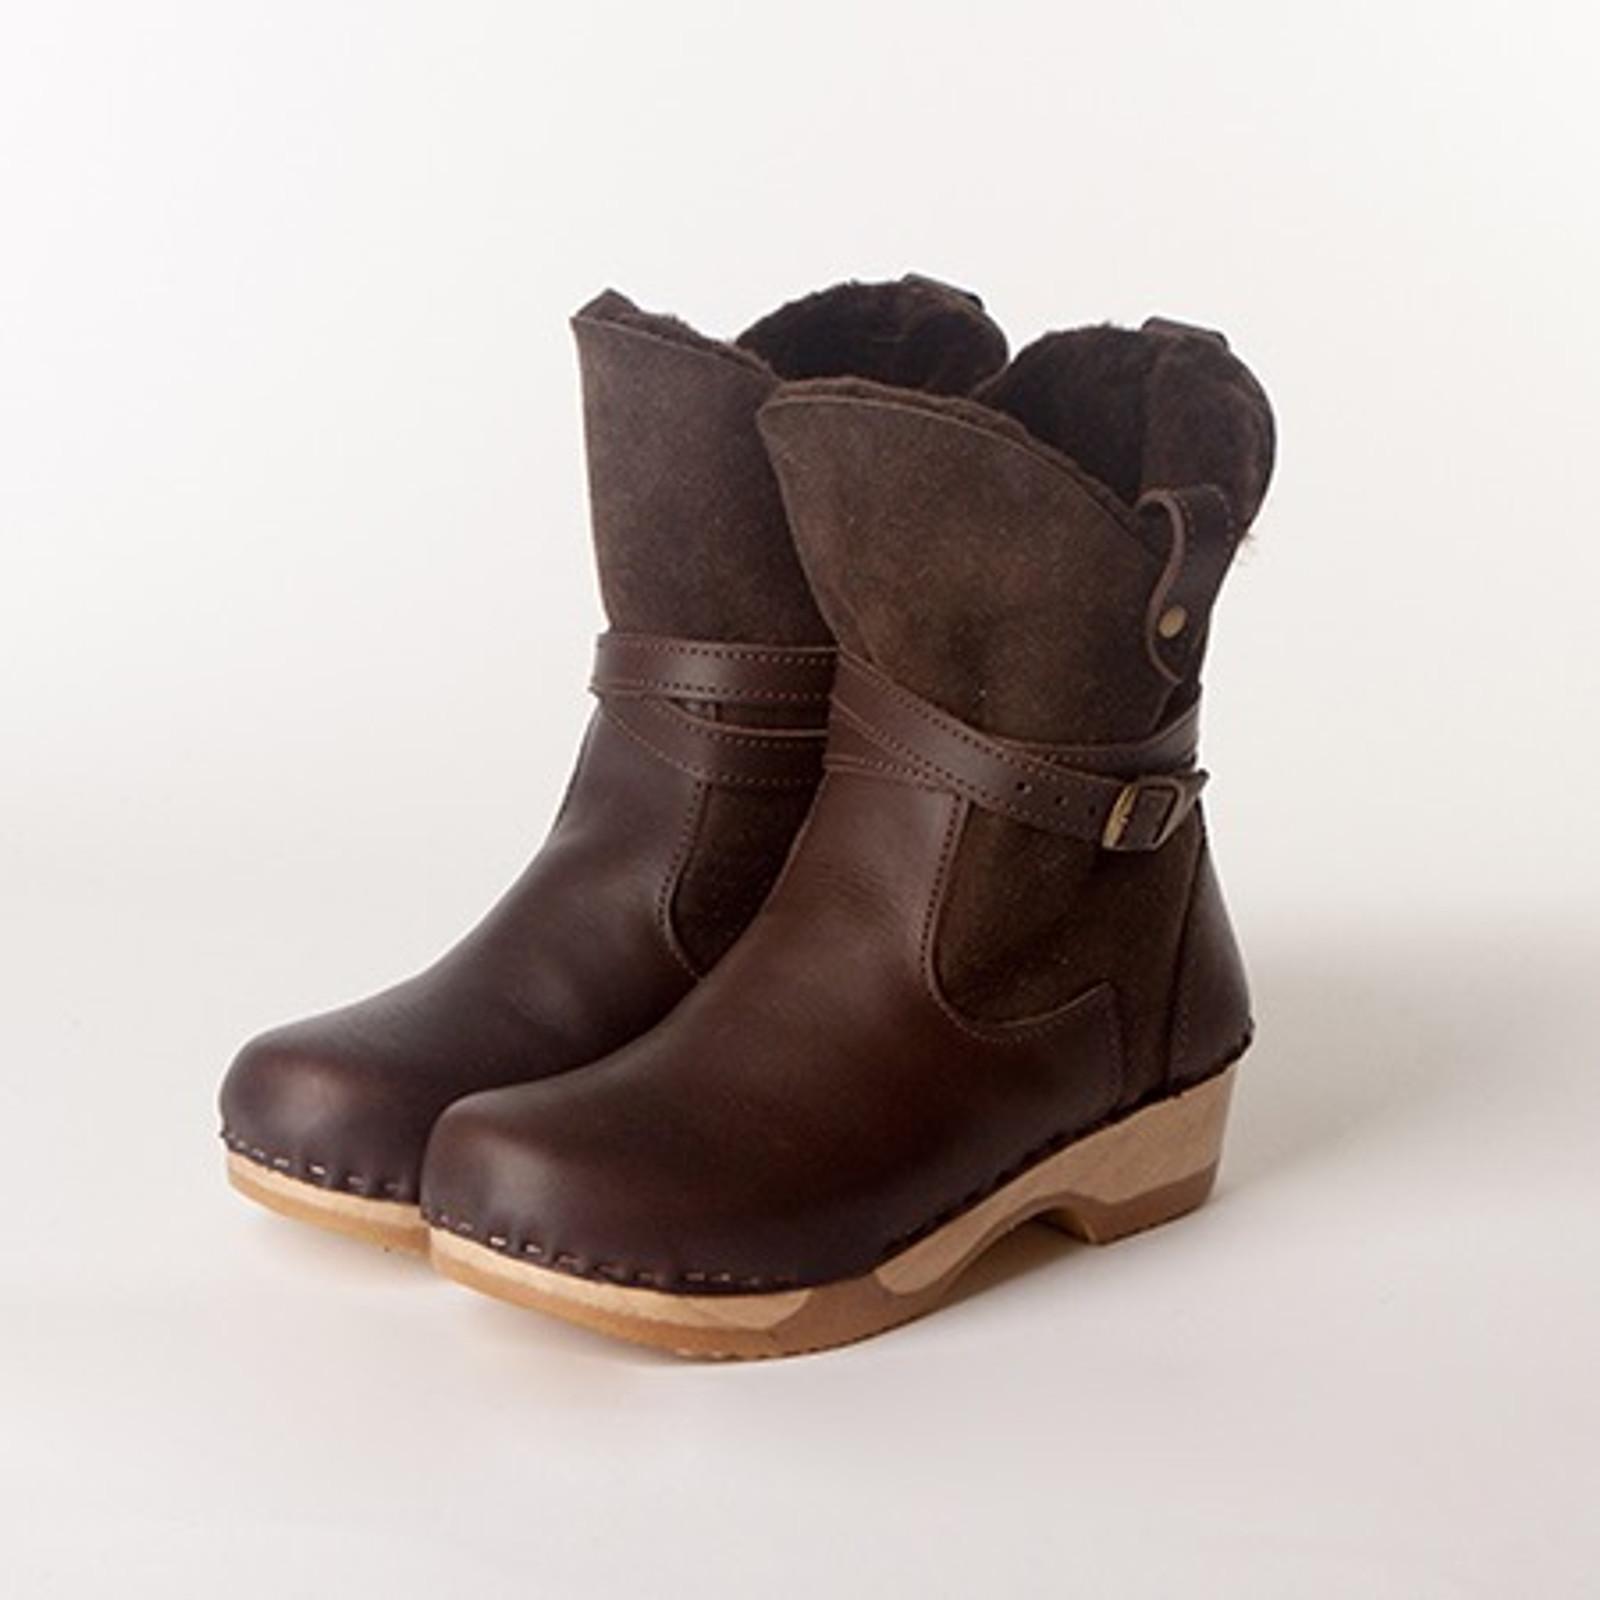 Lucy Booties - Bendable Low Heels